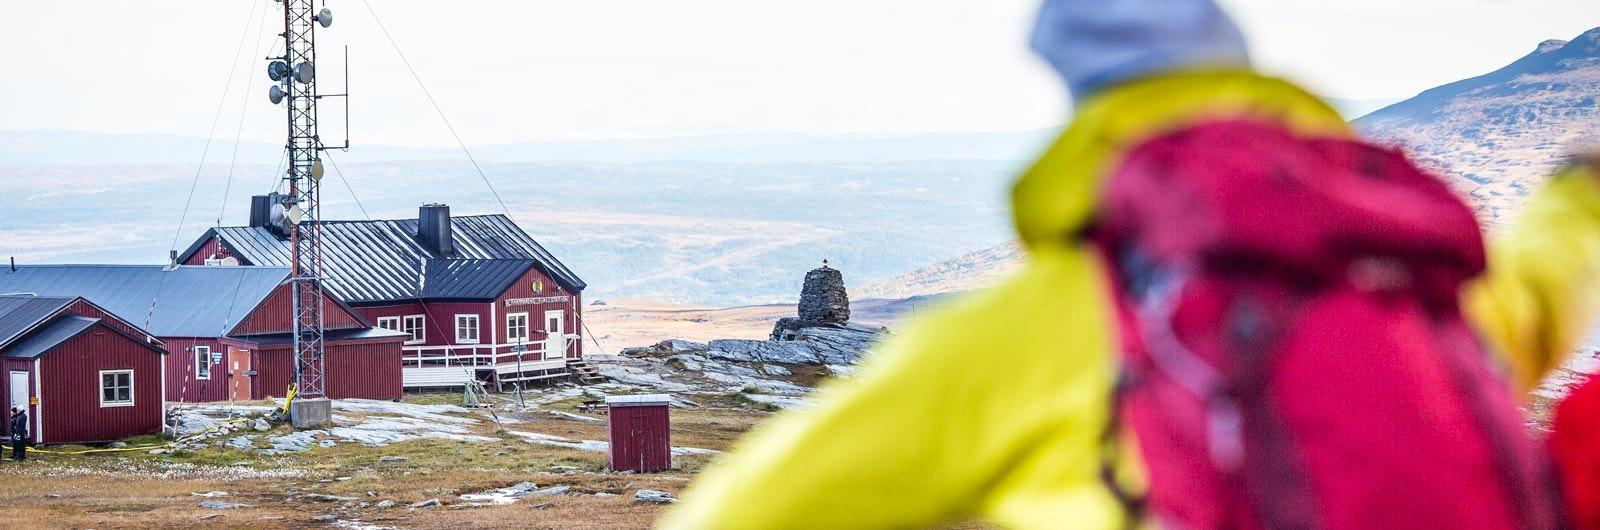 Vandrare ser utsikt över Blåhammaren